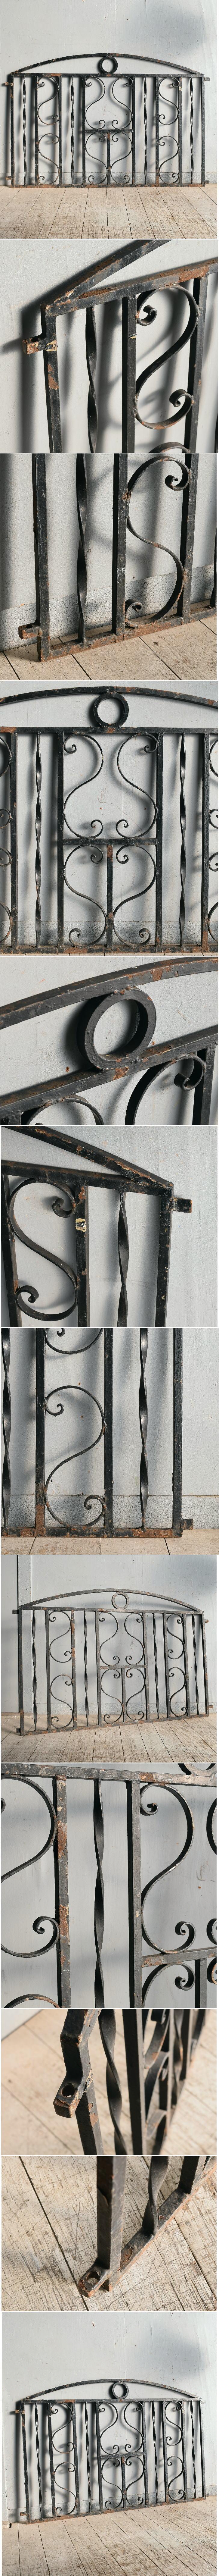 イギリス アンティーク アイアンフェンス ゲート柵 ガーデニング 8958